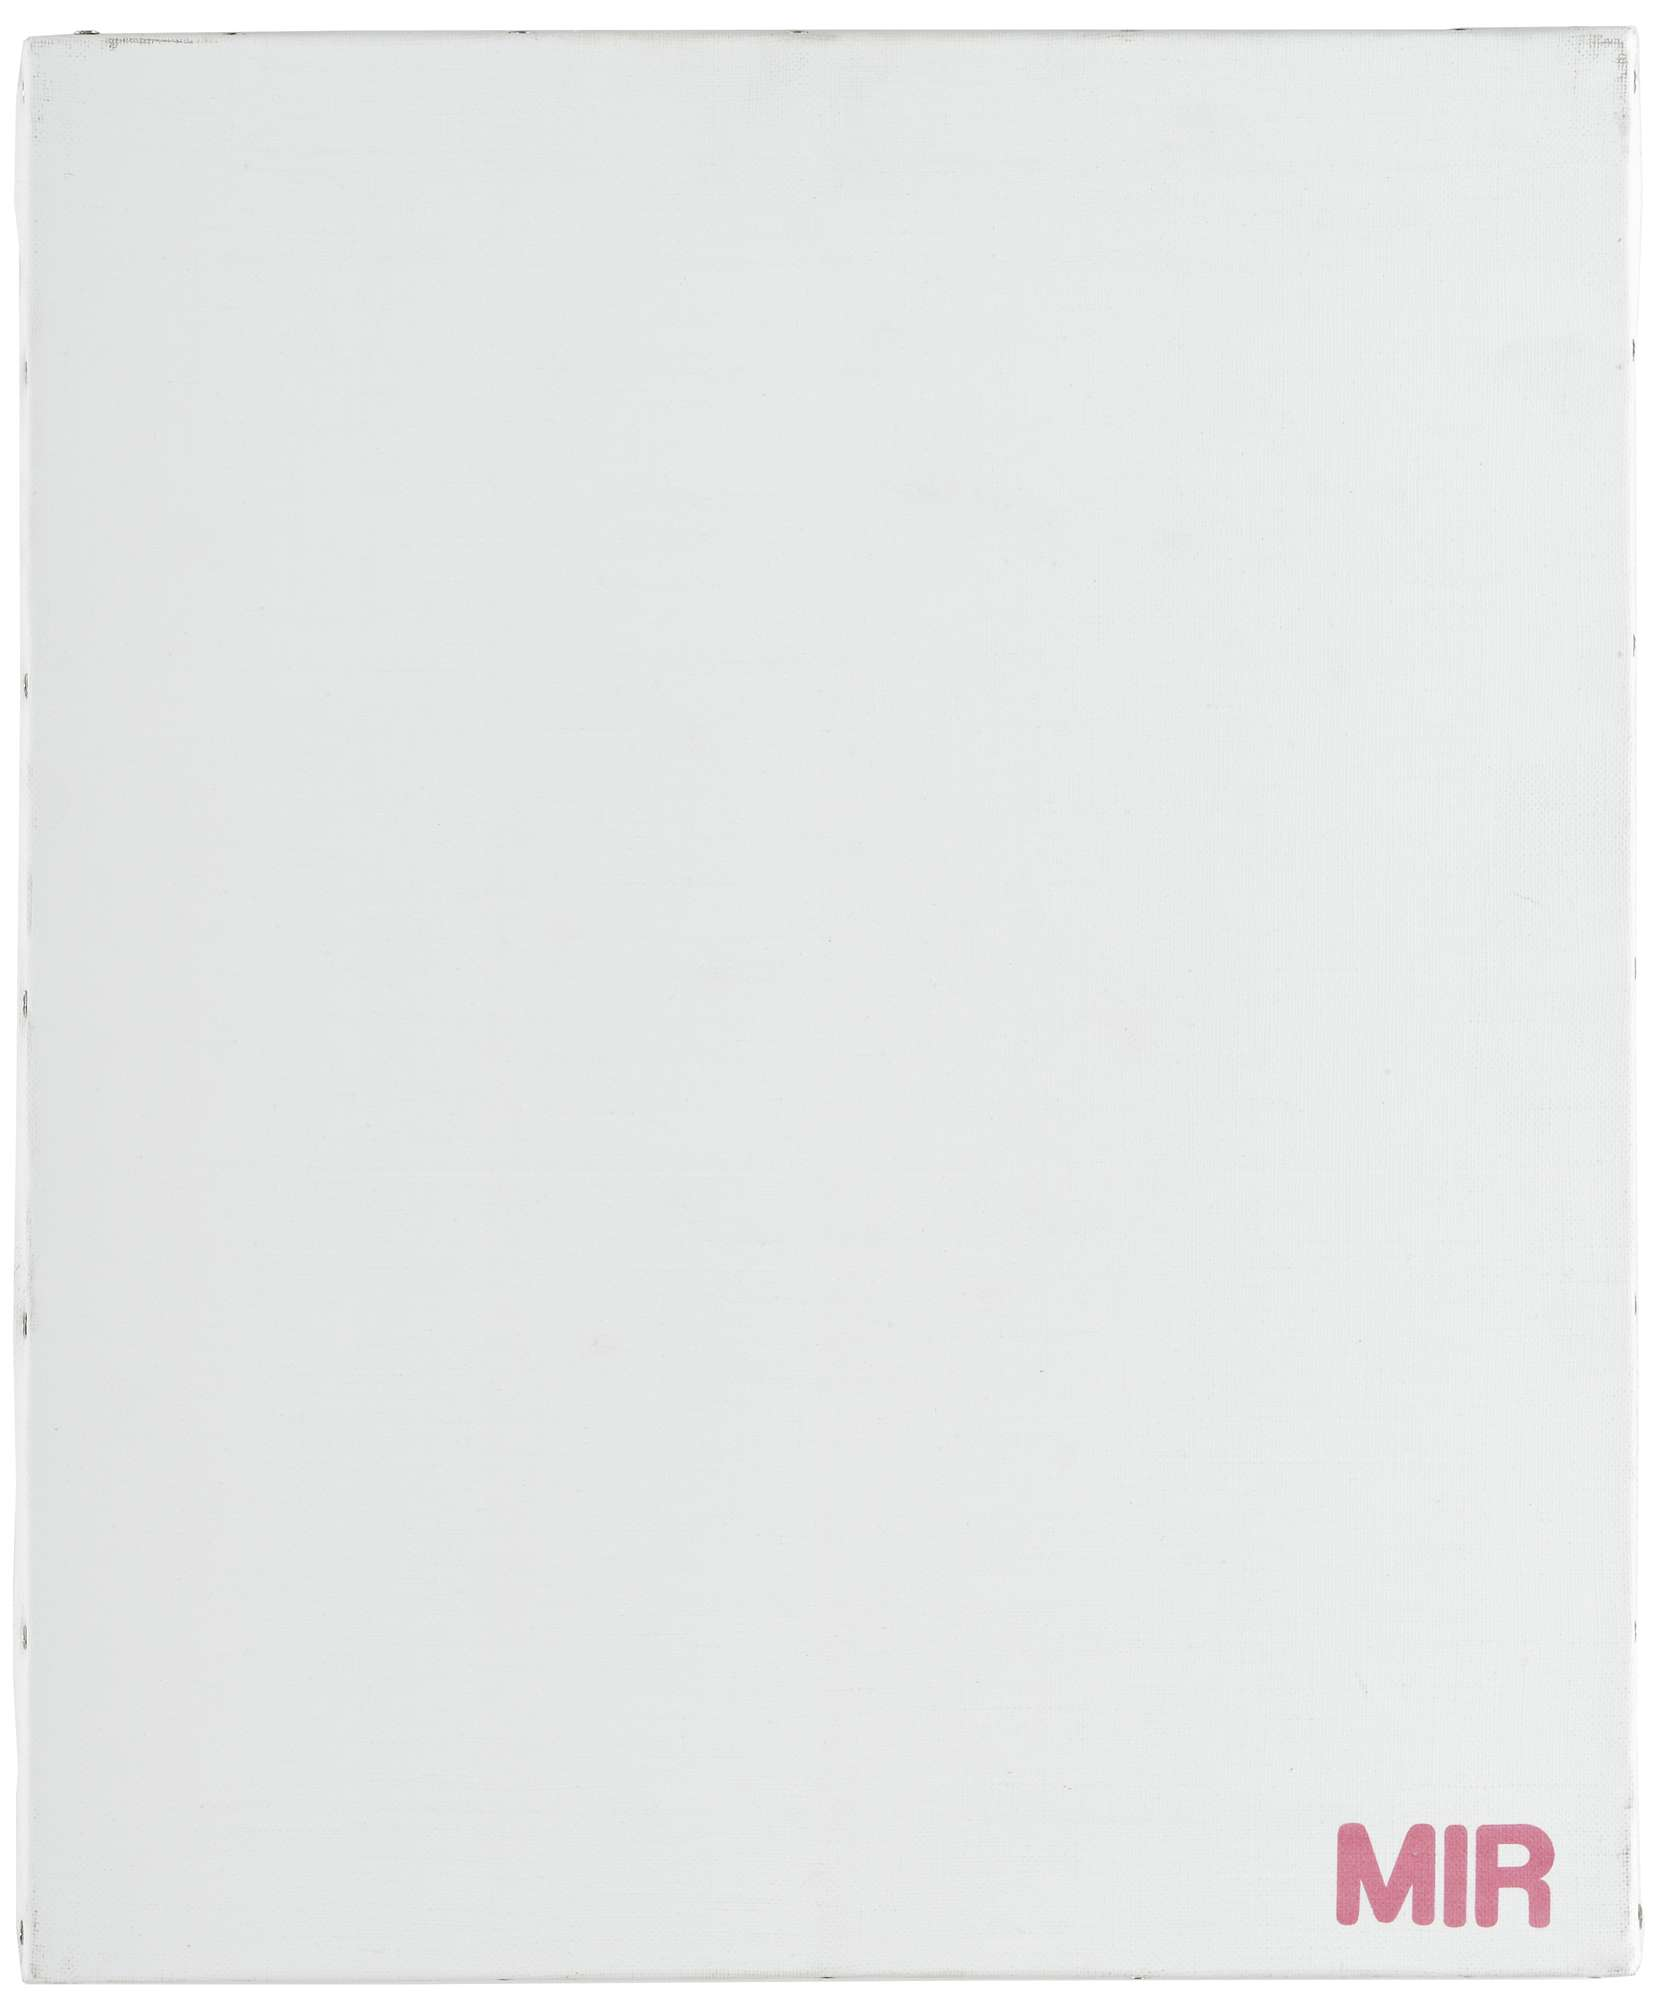 Présence Panchounette, Monochrome lessive (Mir), 1988 Acrylique et décalcomanie sur toile46 x 38 cm / 18 1/8 x 15  inches